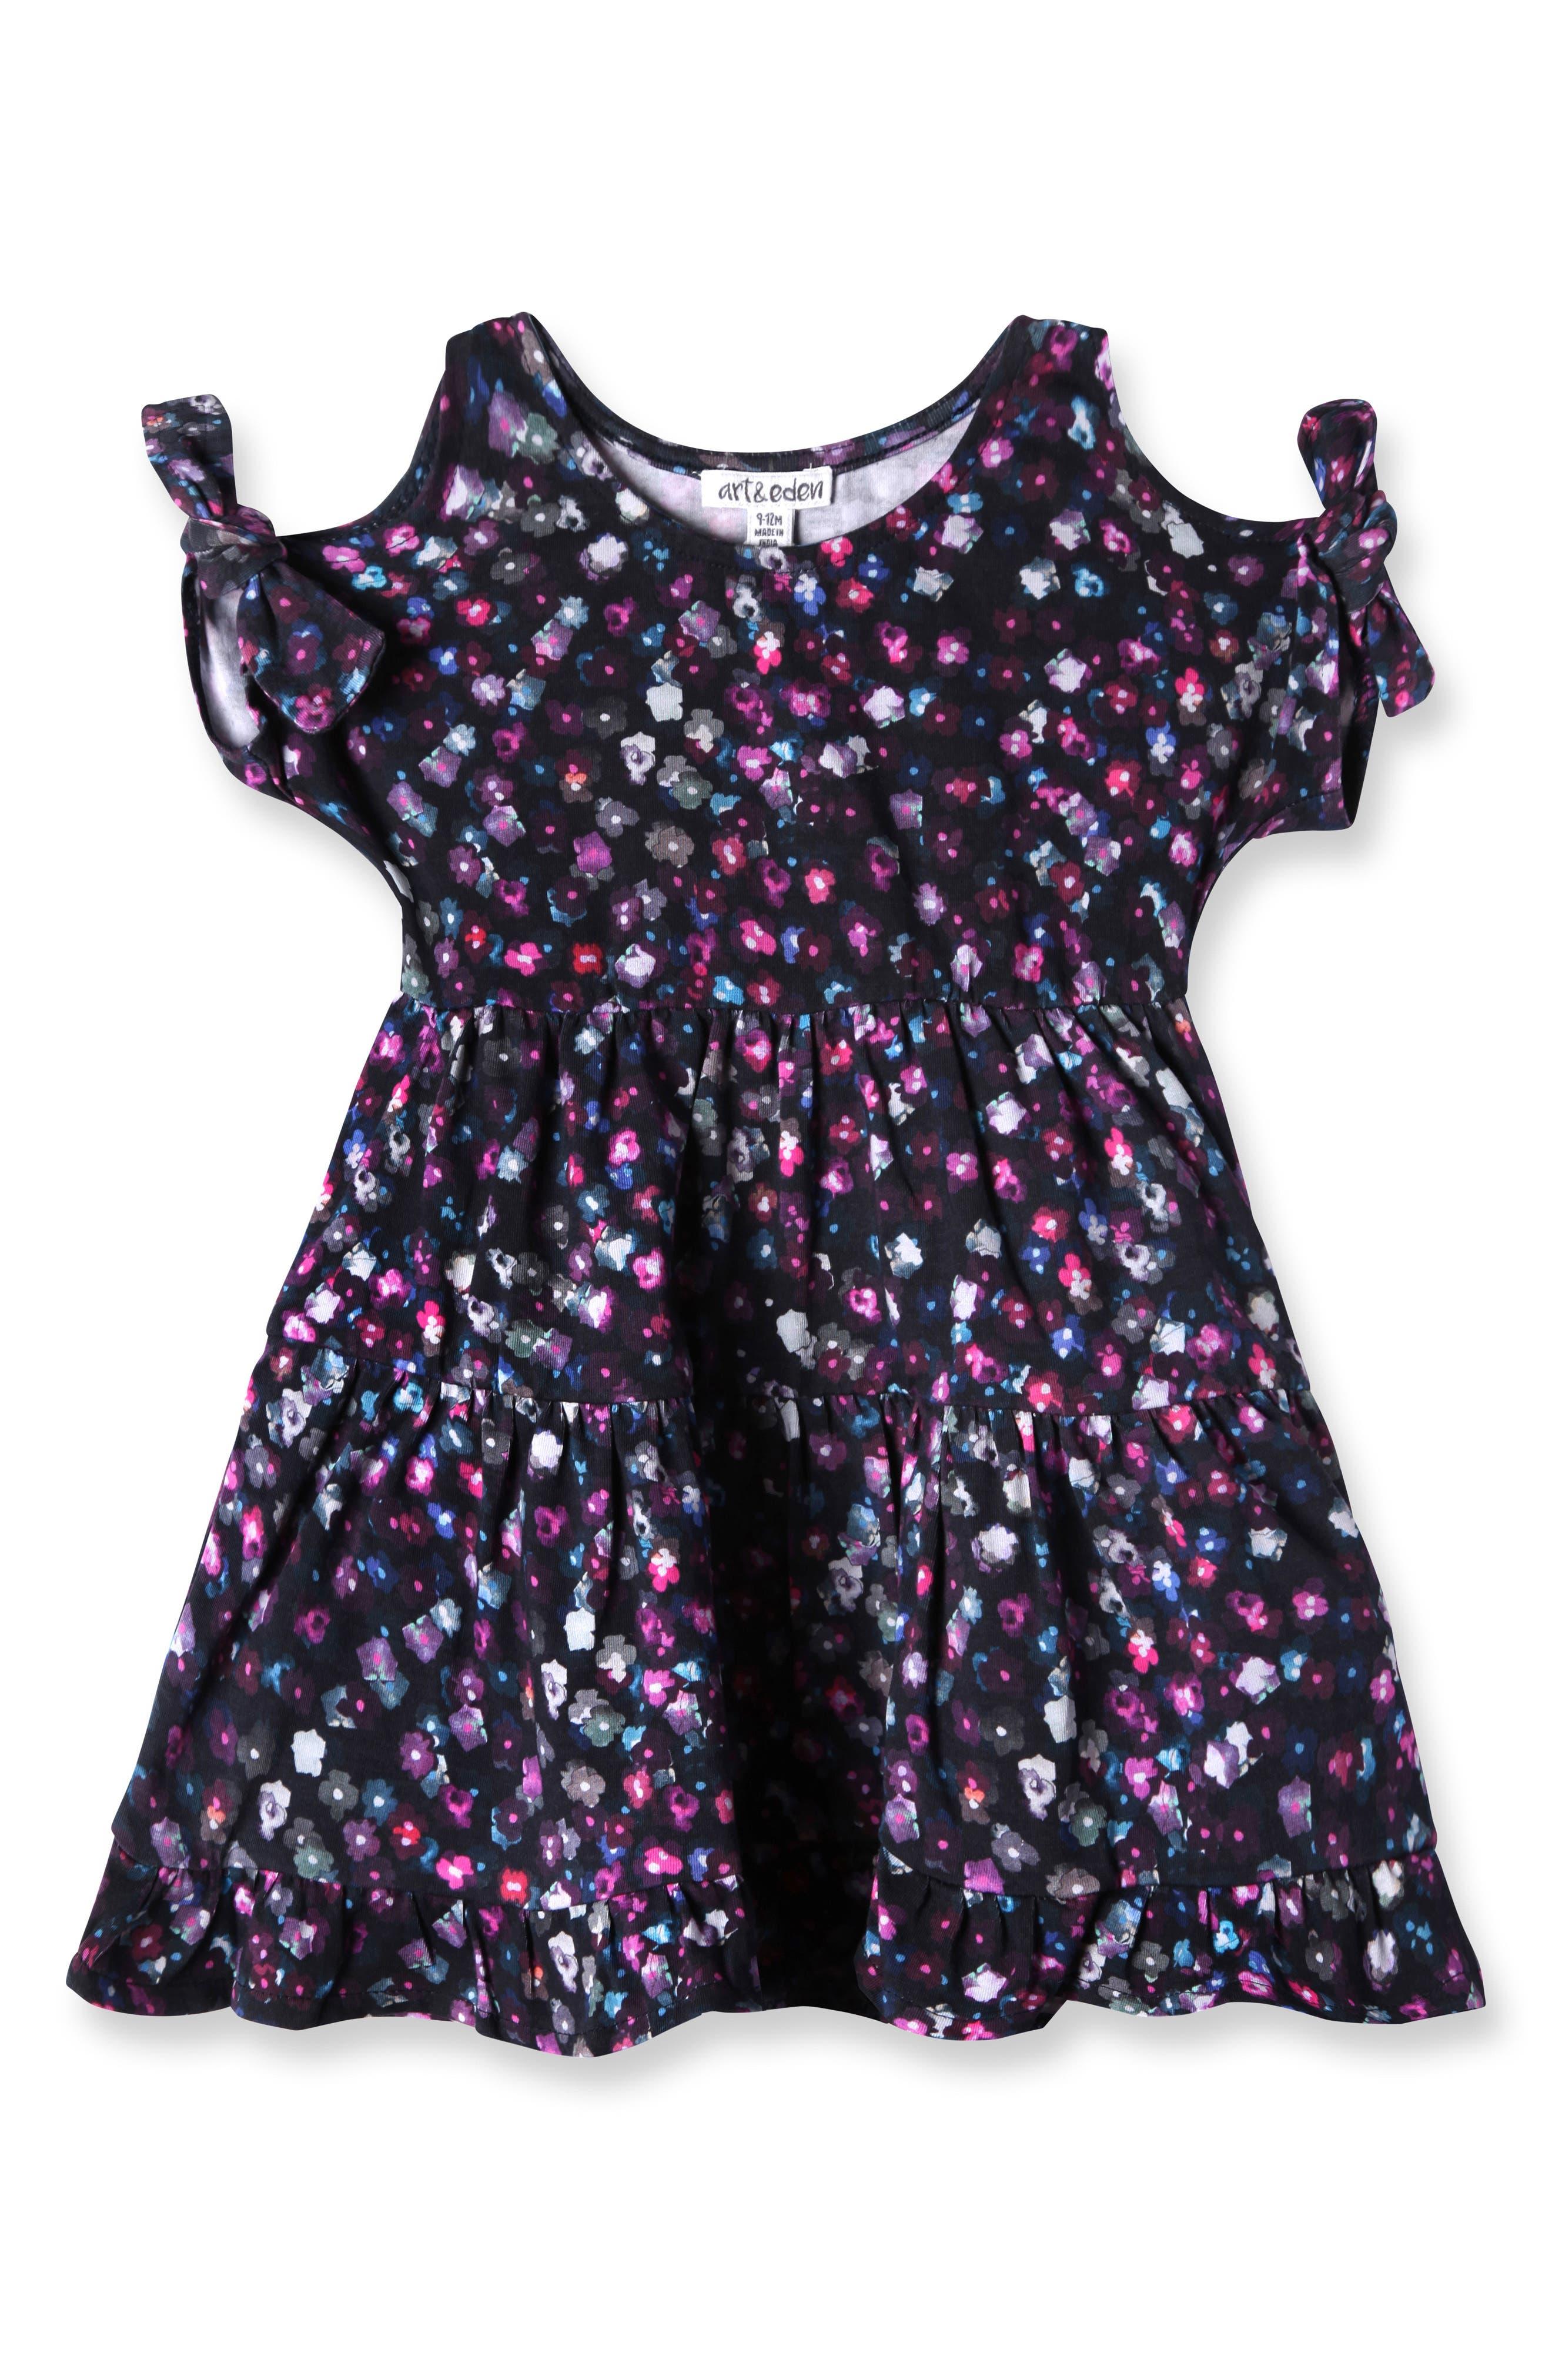 Main Image - Art & Eden Emma Cold Shoulder Dress (Baby Girls)